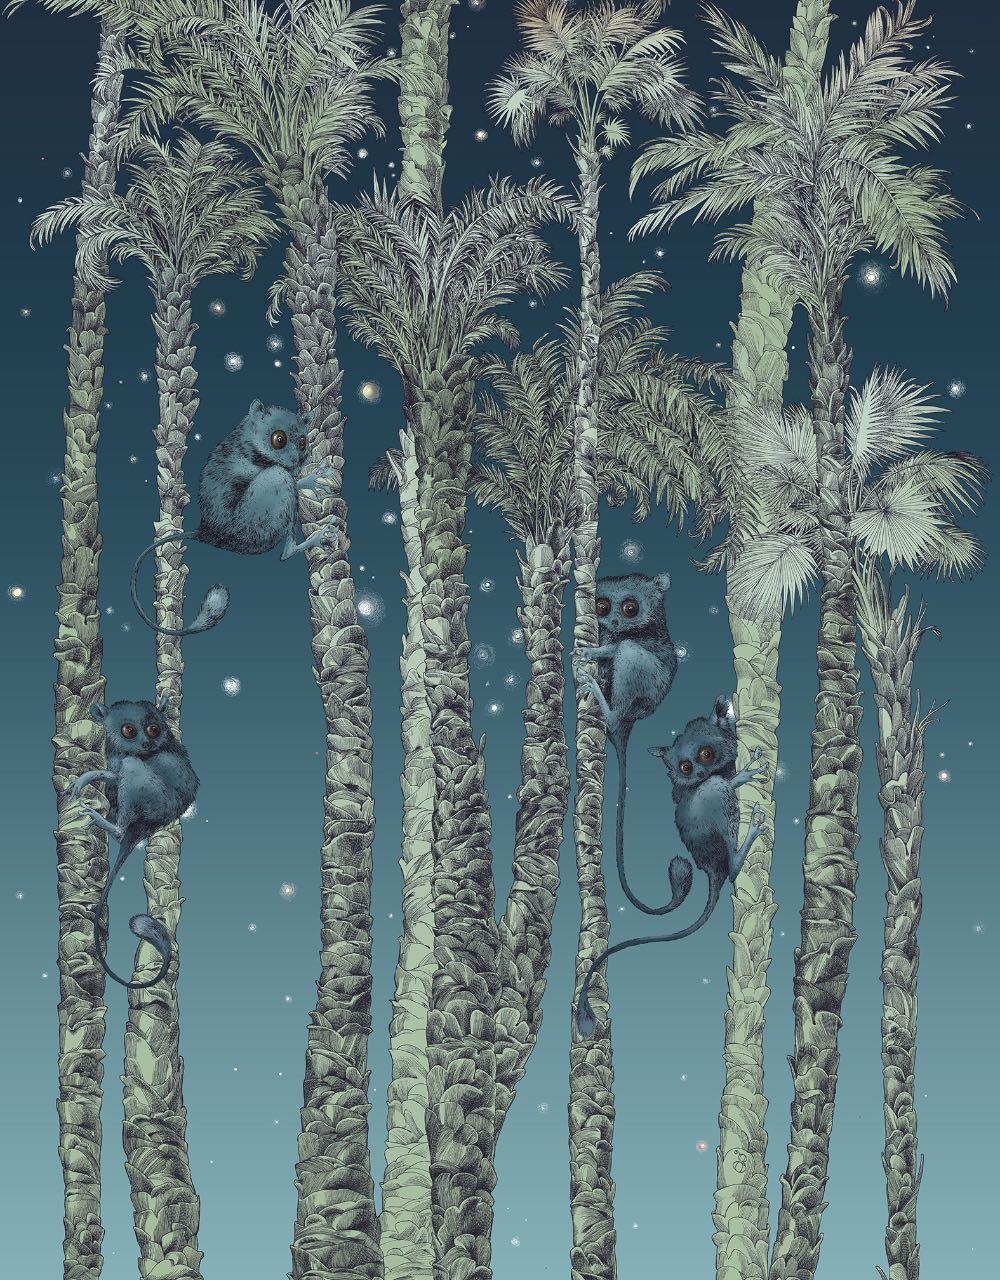 フランス壁紙 1ロール(3m) フリース(不織布) - 防炎加工 by キャサリン・グラン 《ヌイ・コスミック - 左》 ブルー by Edmond Petit (エドモンプティ)